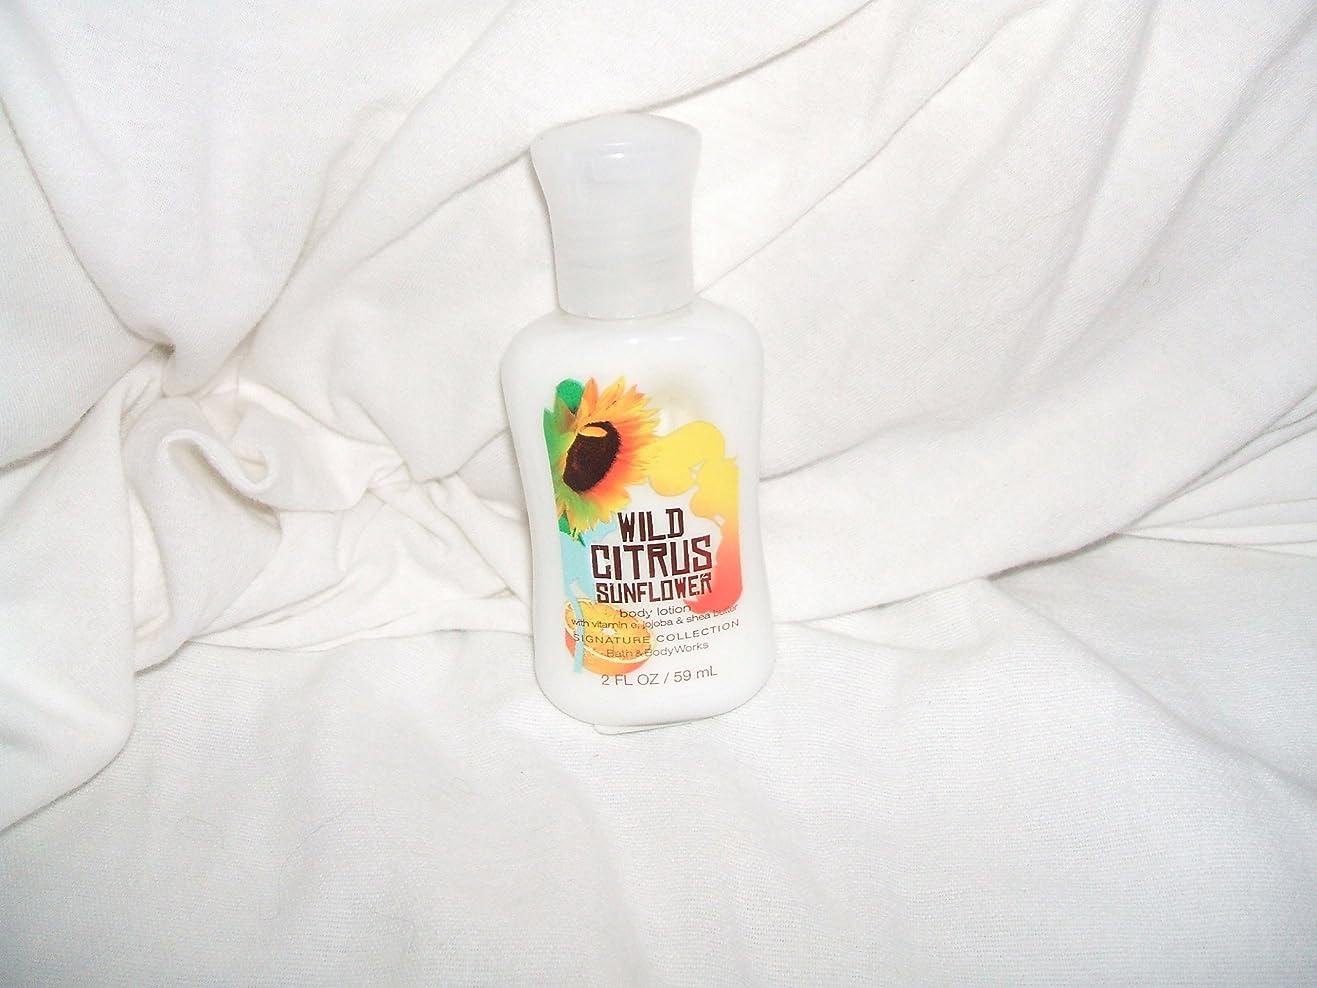 小道読むイタリアのバス&ボディワークス ワイルド シトラス サンフラワー ミニサイズ ボディローション Wild Citrus Sunflower Mini Size body lotion